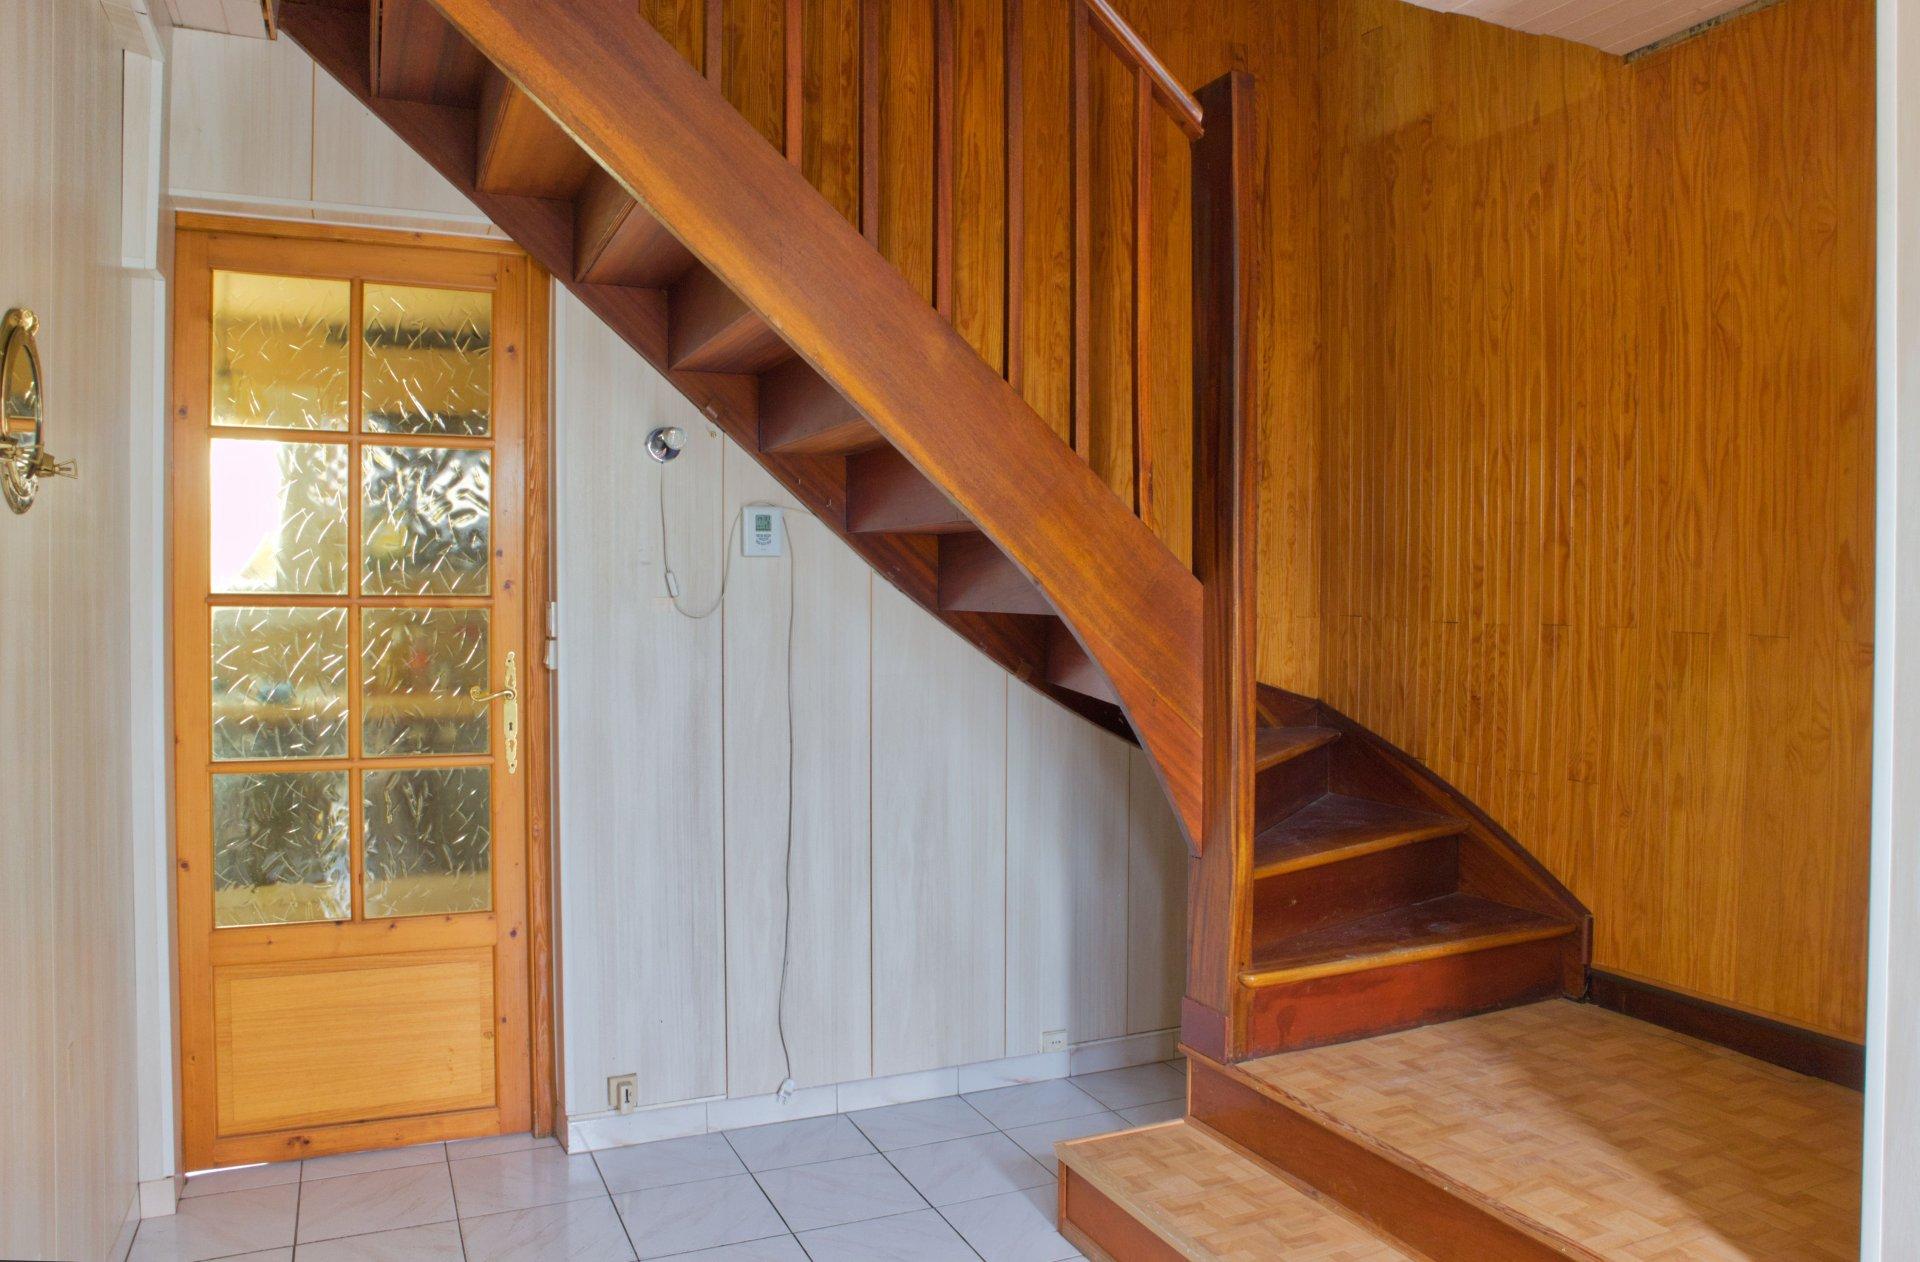 maison 5P 100 m² sur terrain de 343 m² à Maurepas